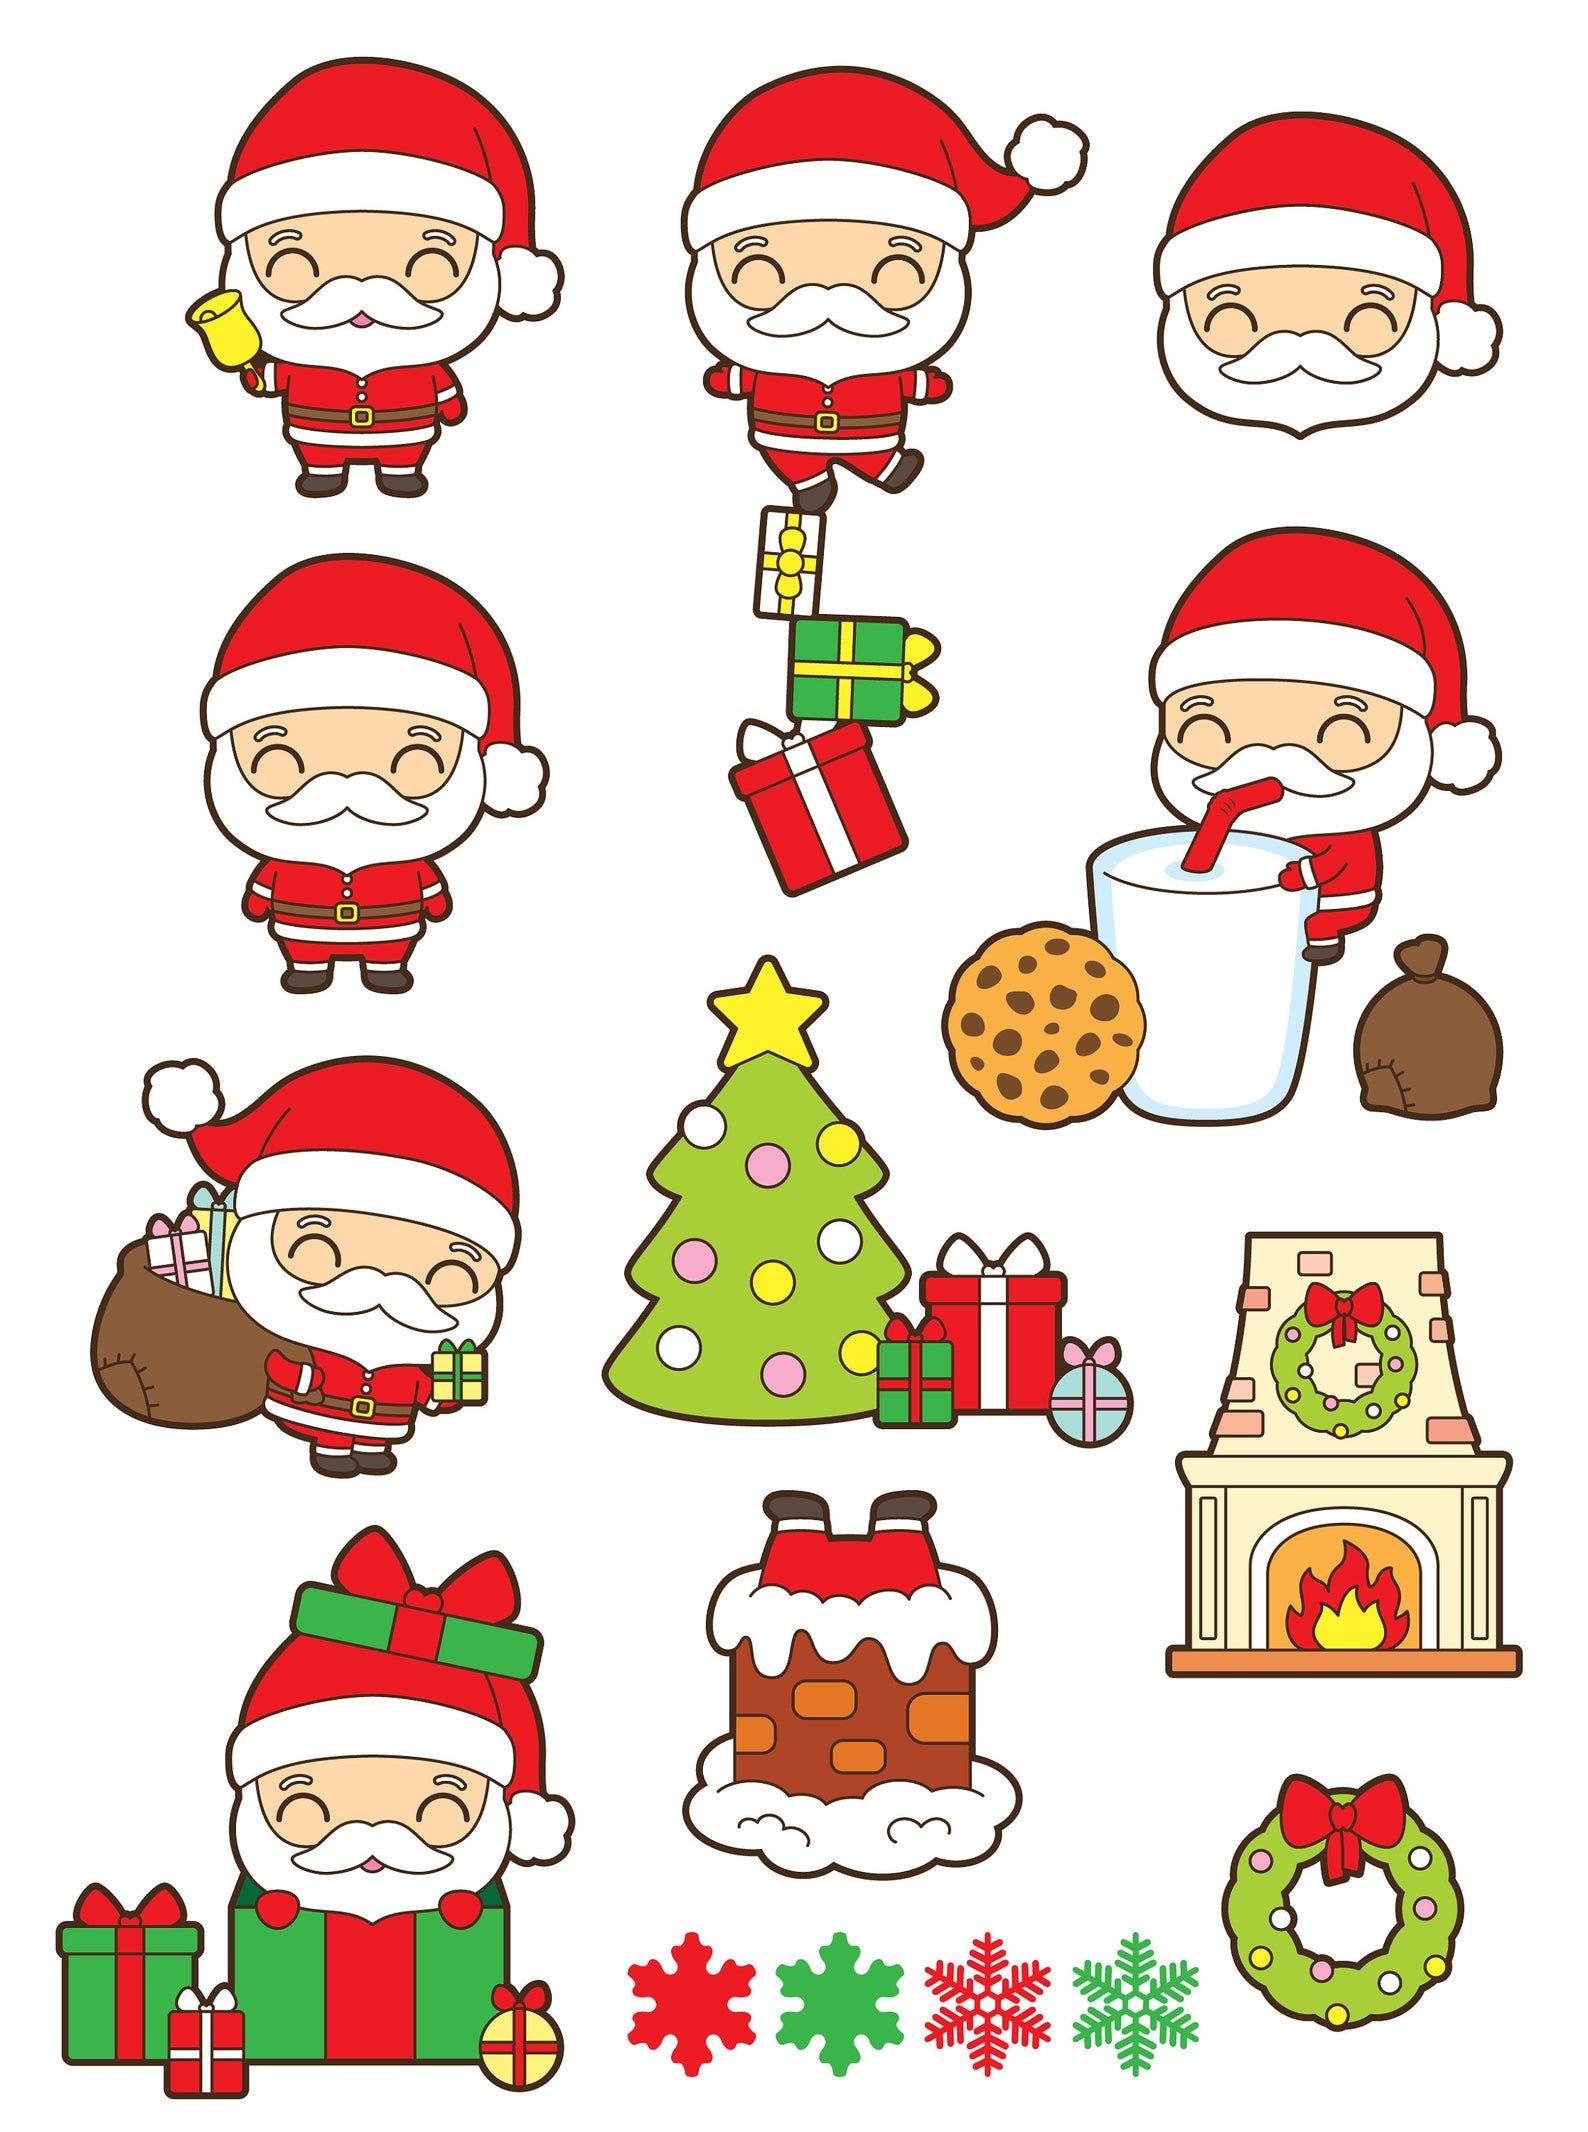 Santa Claus Clipart Christmas Clipart Kawaii Christmas Clipart Santa Chimney Clipart Santa Milk And Cookies Clipart Santa Gift Clipart Dibujo De Navidad Tarjetas A Mano De Cumpleaños Hacer Adornos De Navidad